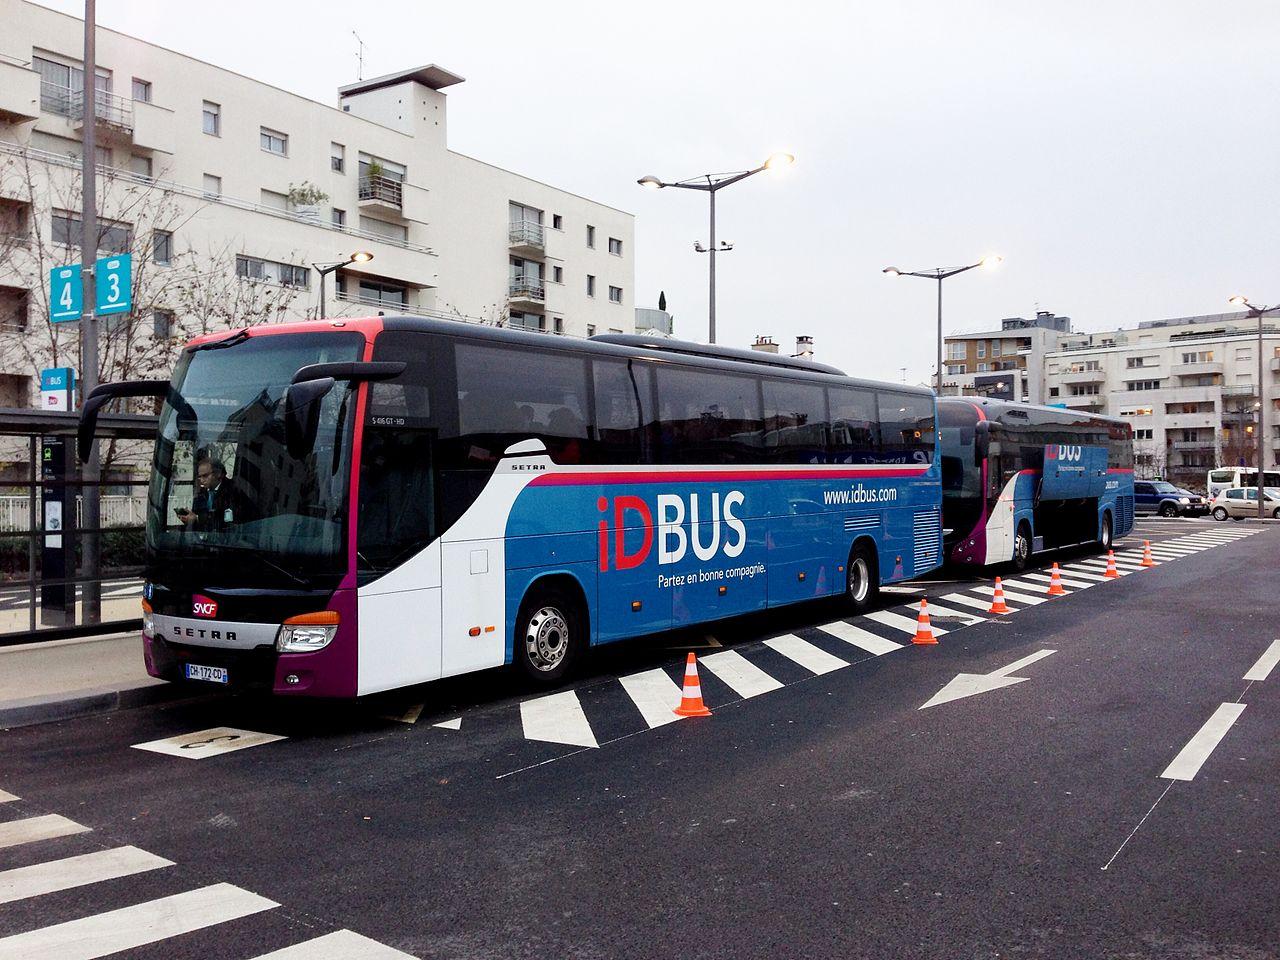 autobuses en francia viajar a francia. Black Bedroom Furniture Sets. Home Design Ideas